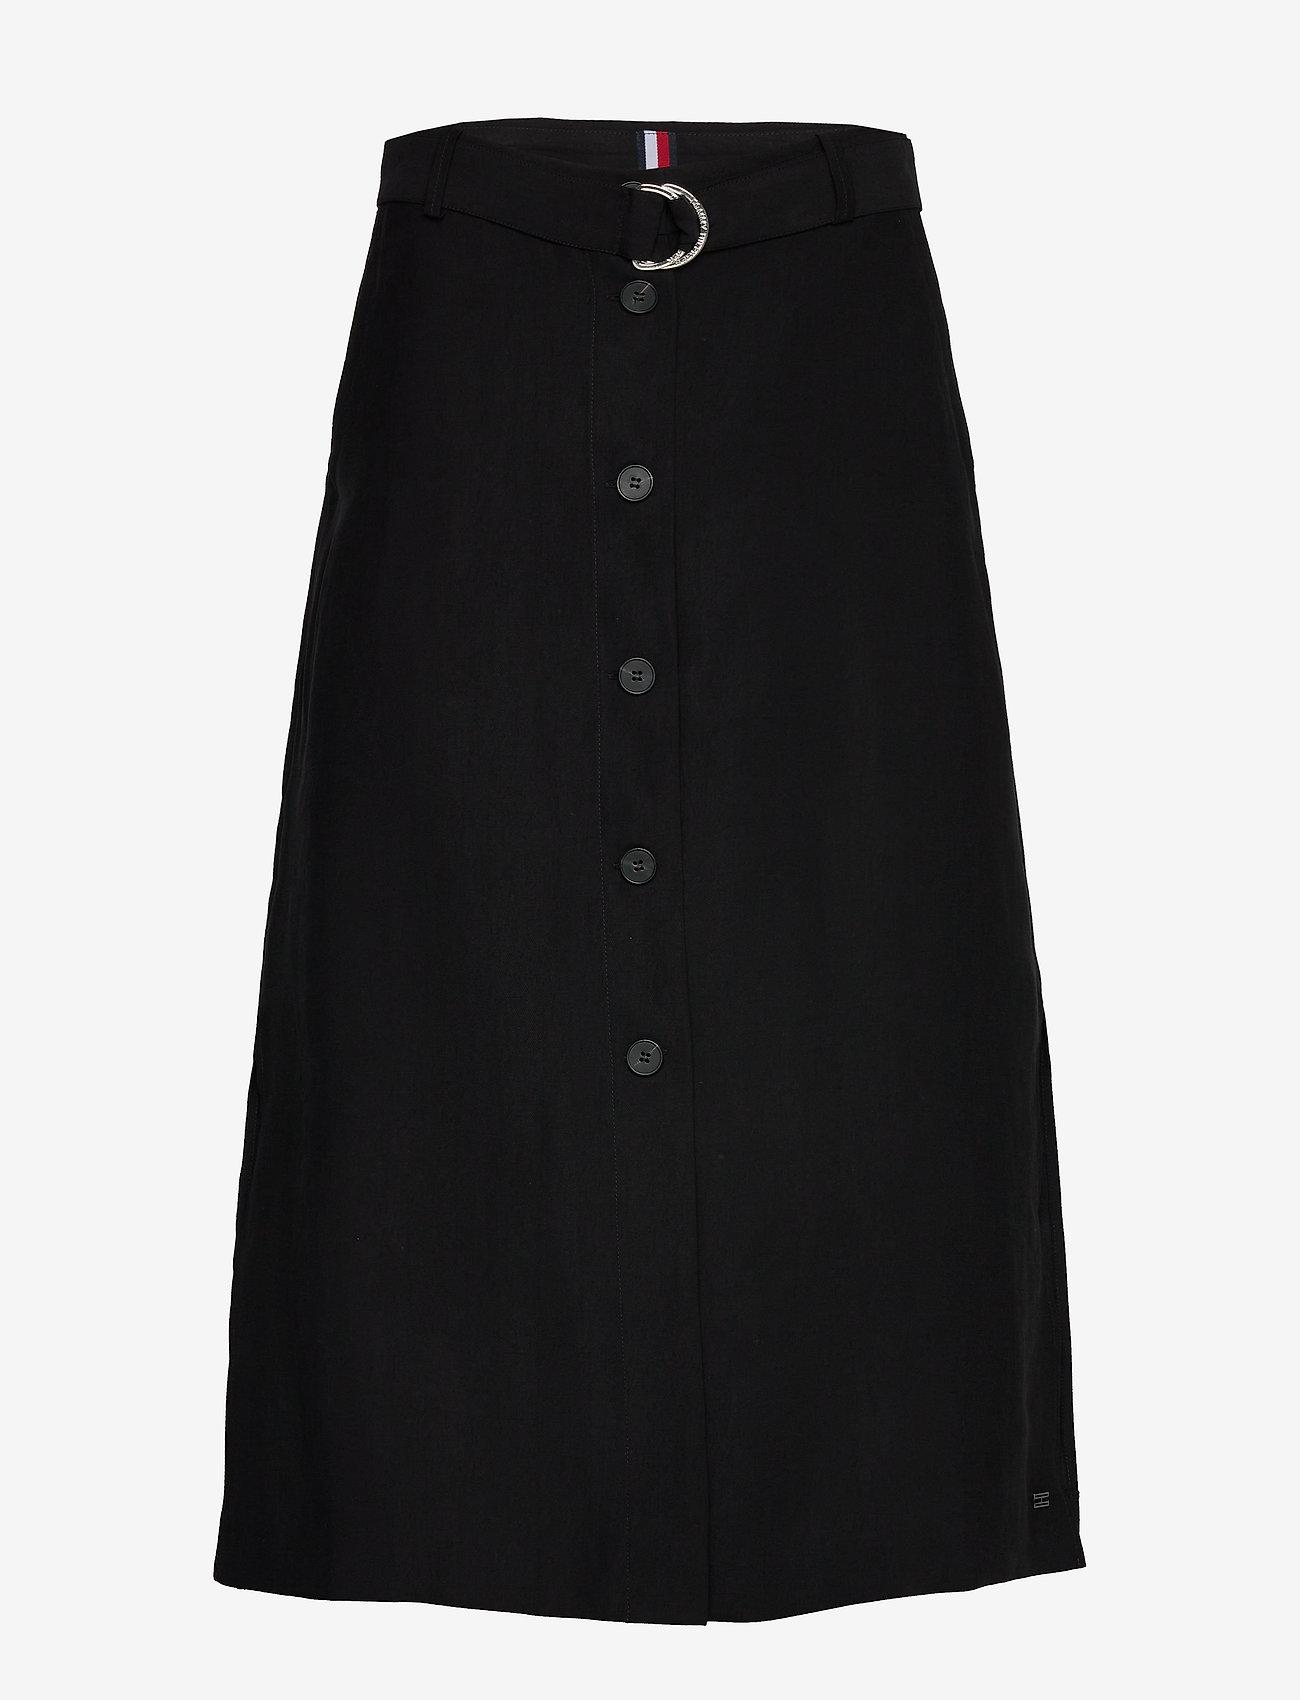 Tommy Hilfiger - TENCEL TWILL SKIRT - midi skirts - black - 0